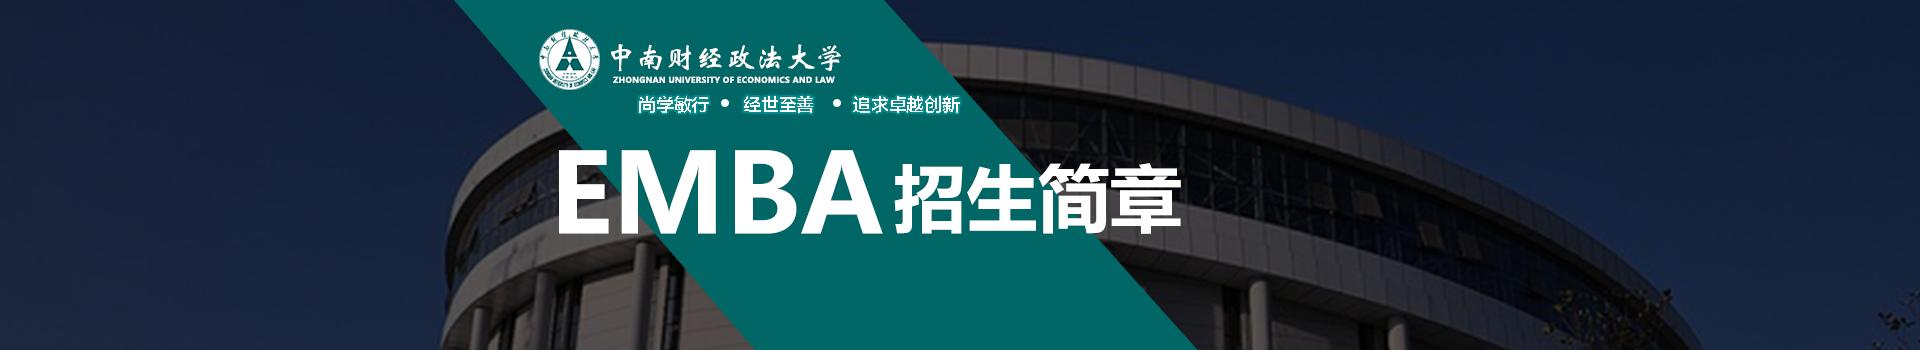 中南财经政法大学MBA学院高级工商管理硕士EMBA招生简章